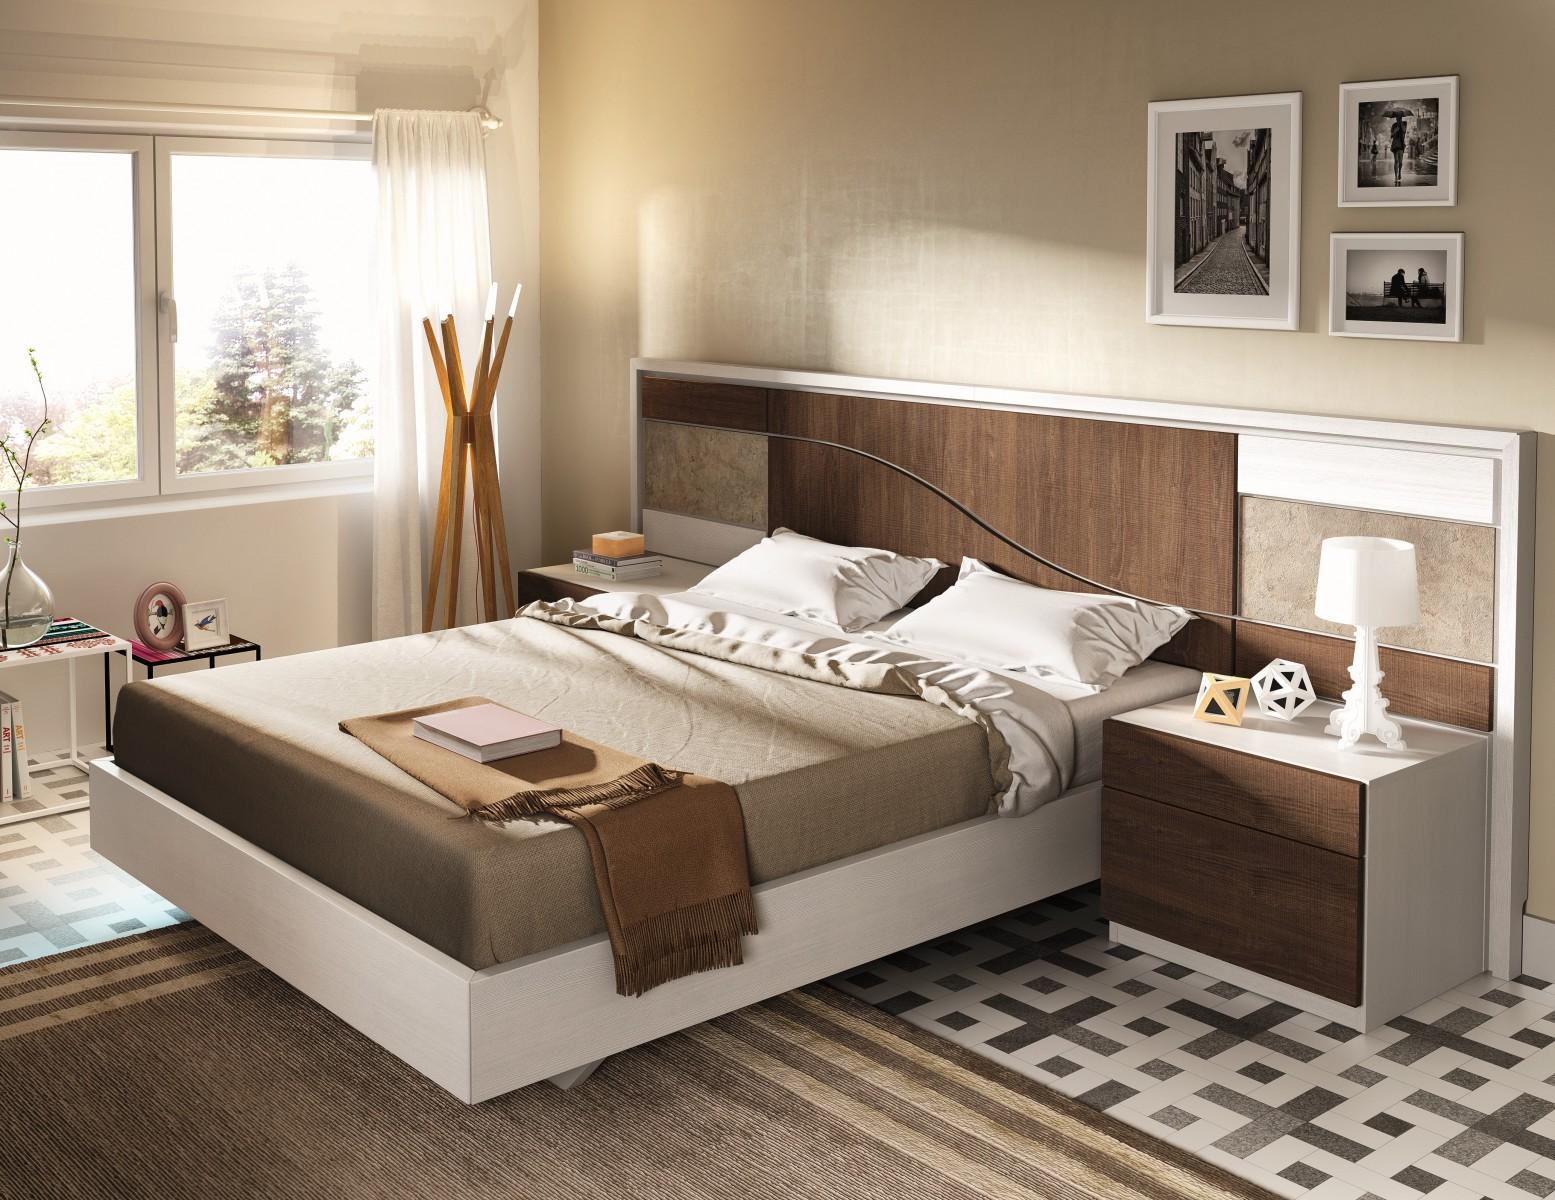 Dormitorio matrimonio moderno beladur 270 11 mobles sedav - Cabeceros de piedra ...